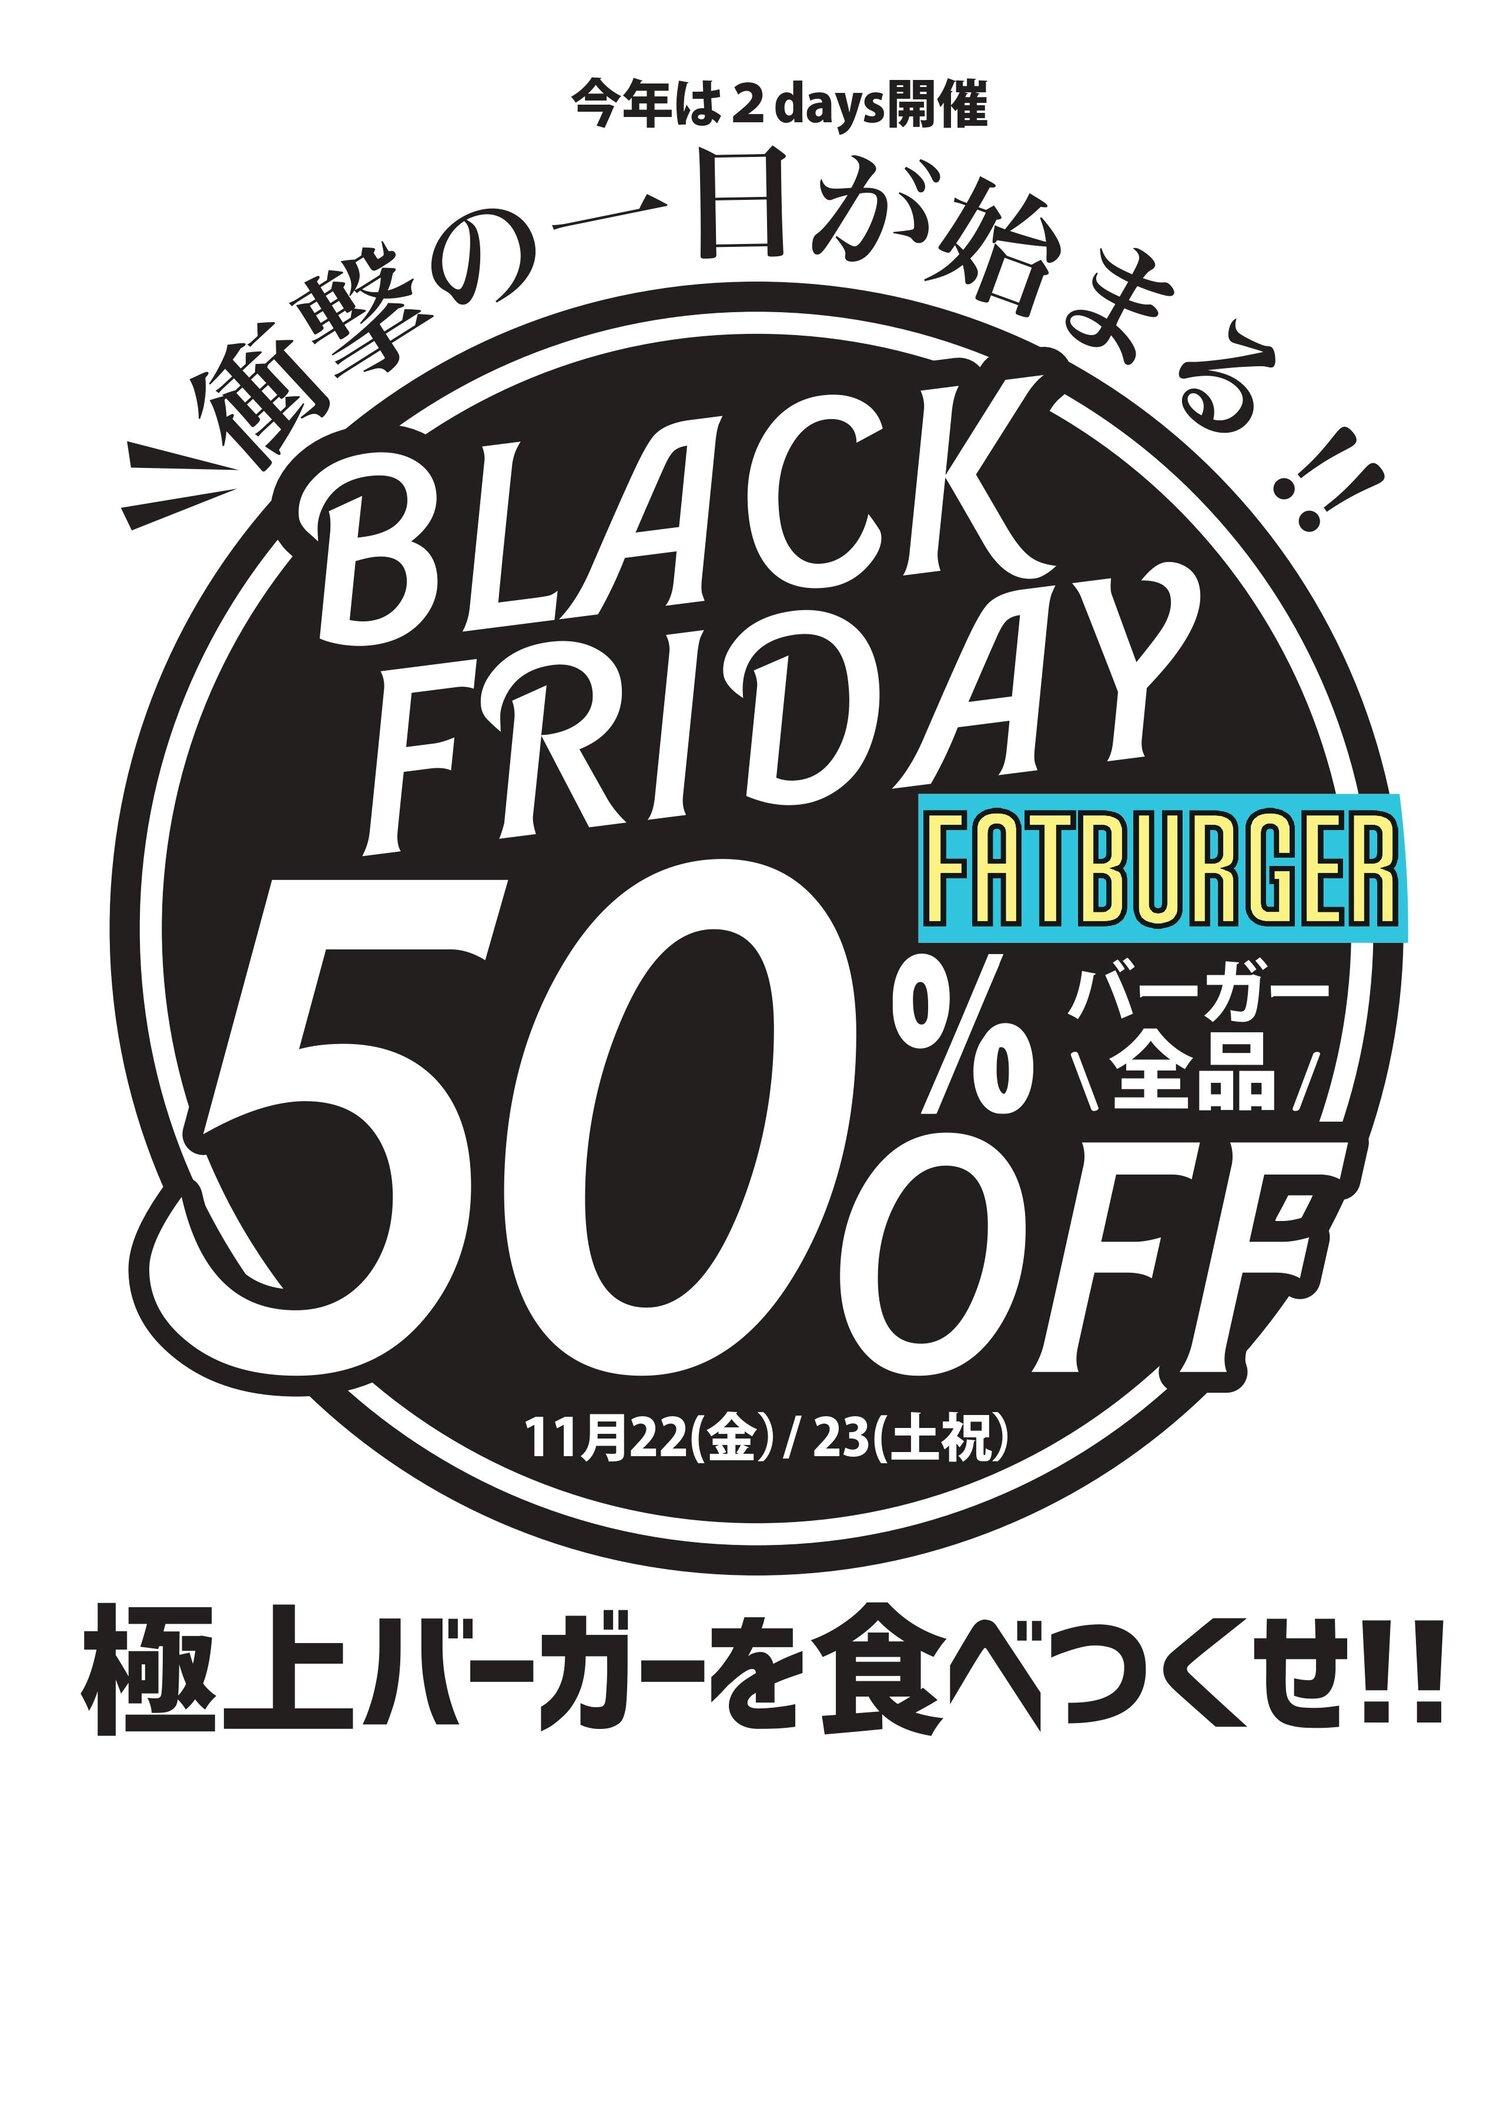 渋谷のFATBURGERでハンバーガーが全品半額。11/22~11/23。